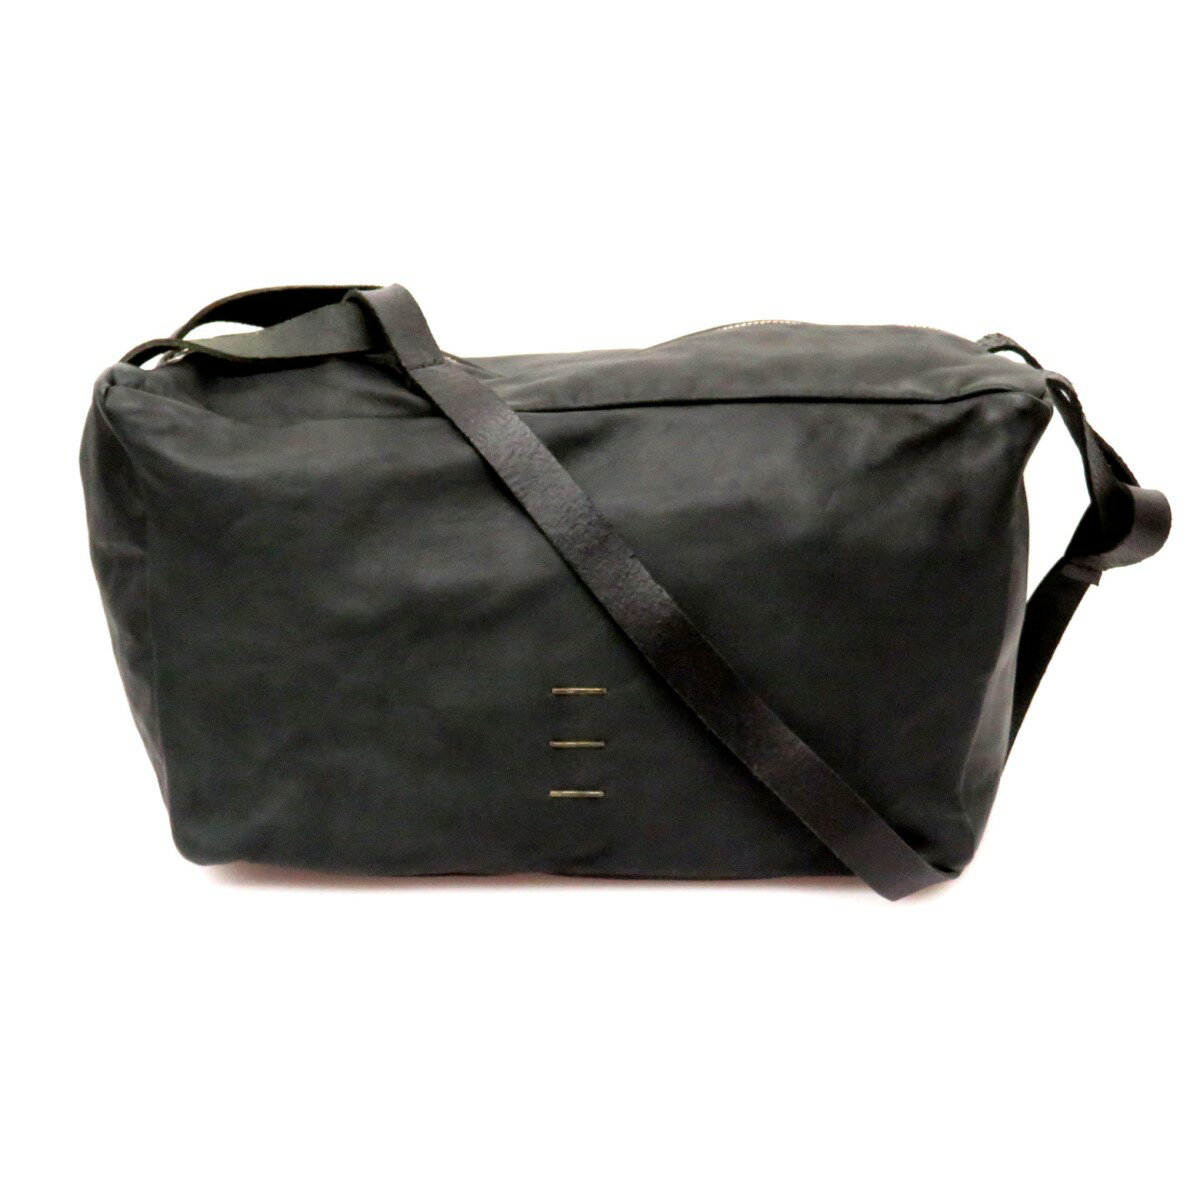 男女兼用バッグ, ショルダーバッグ・メッセンジャーバッグ DANIELE BASTA - 290121